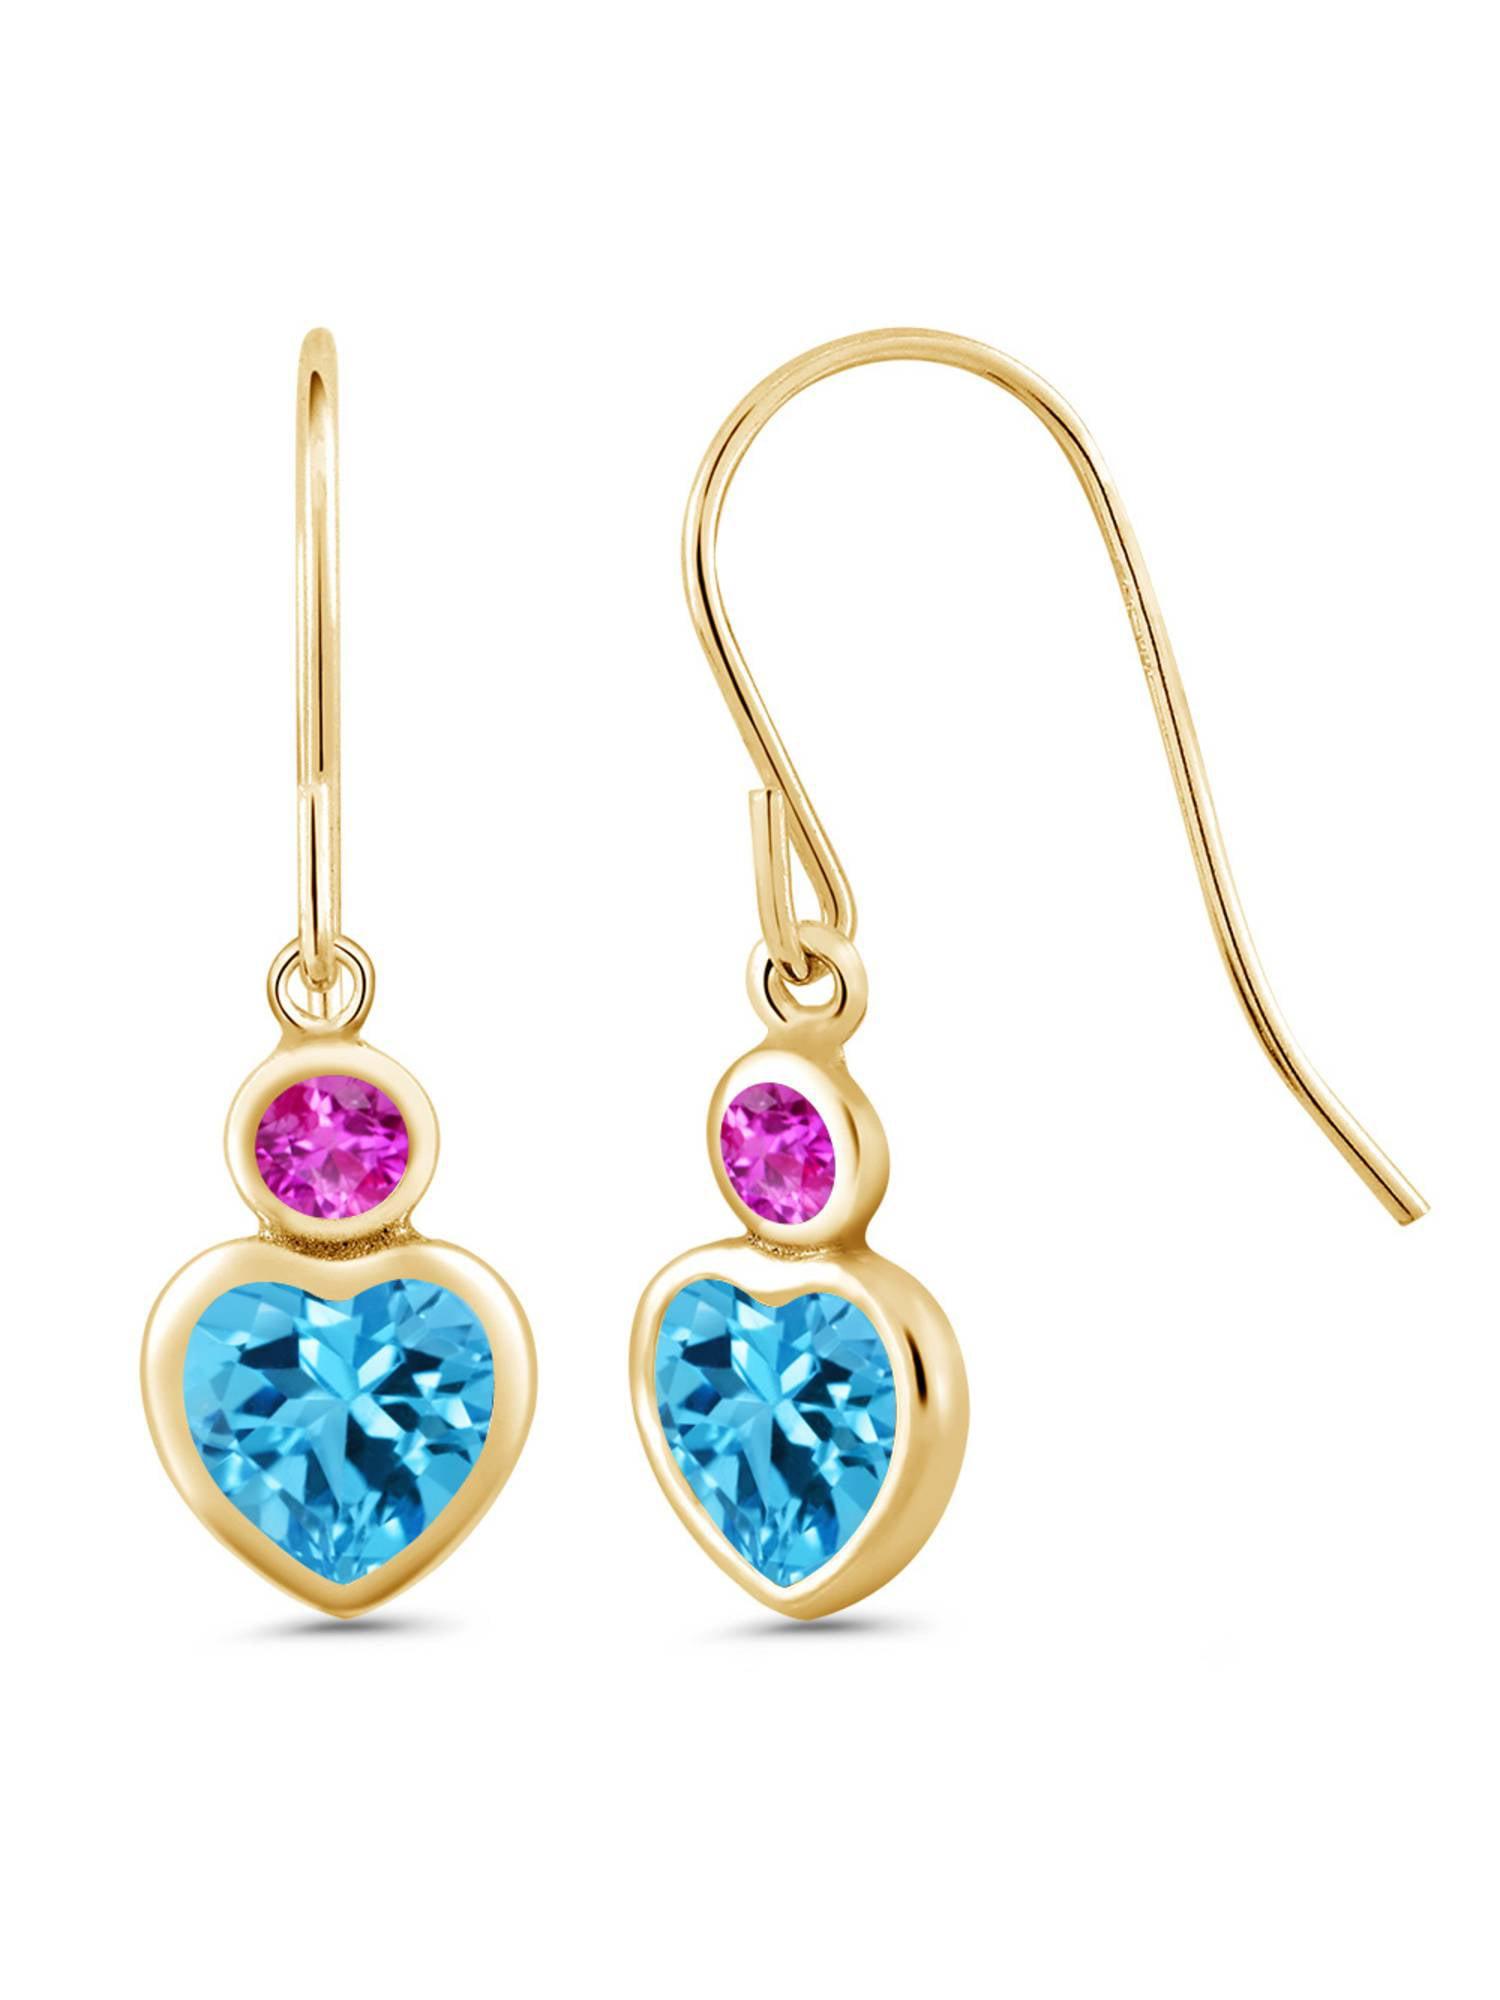 1.38 Ct Heart Shape Swiss Blue Topaz Pink Sapphire 14K Yellow Gold Earrings by